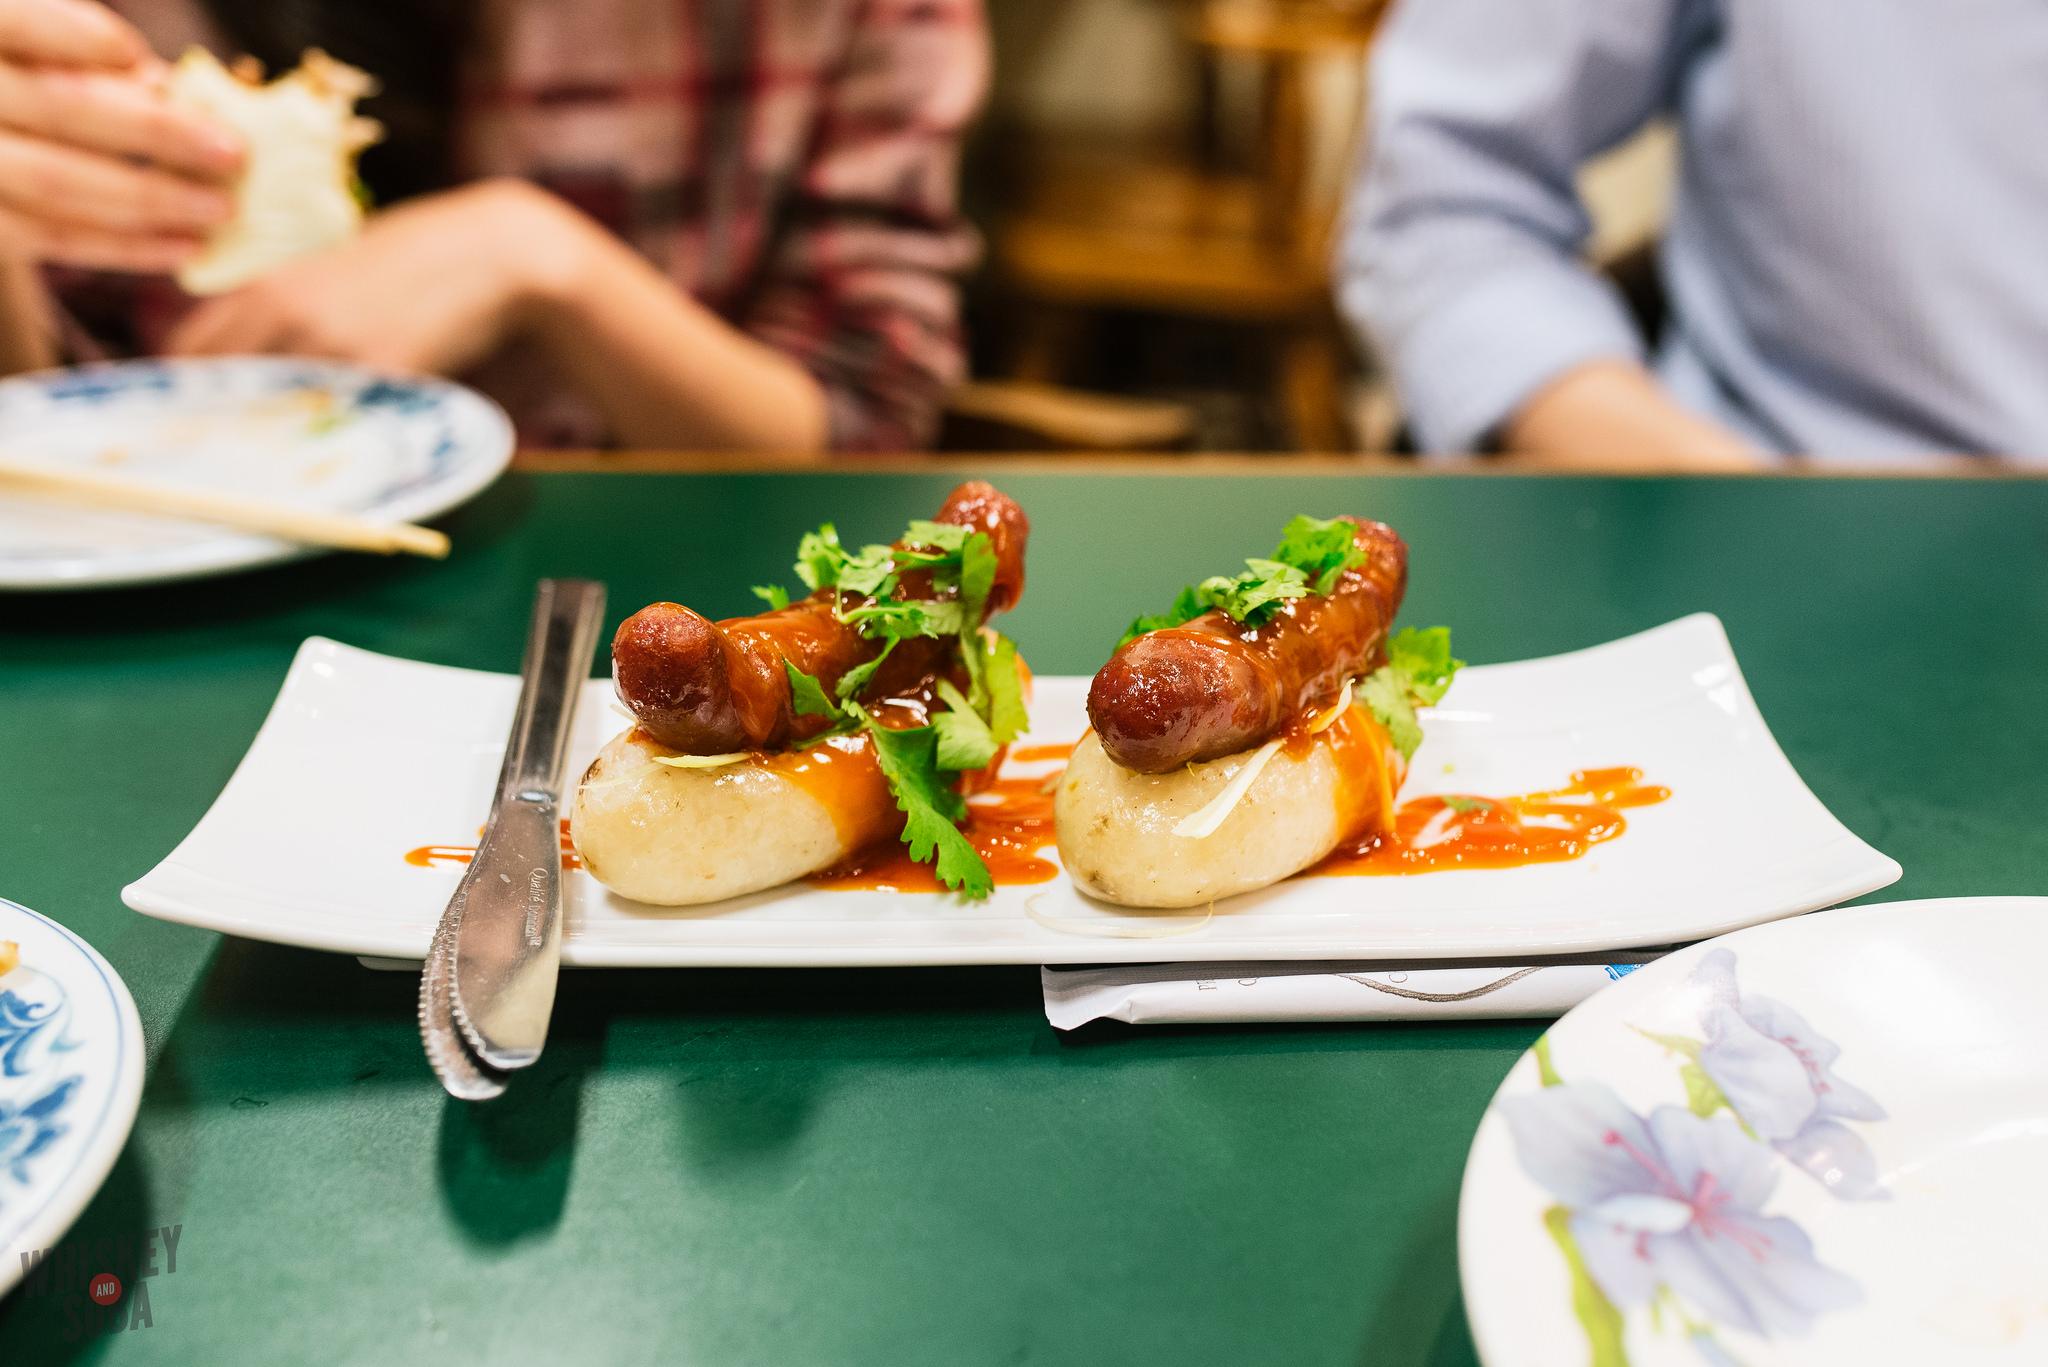 tai ke sticky rice sausage taiwanese st.louis